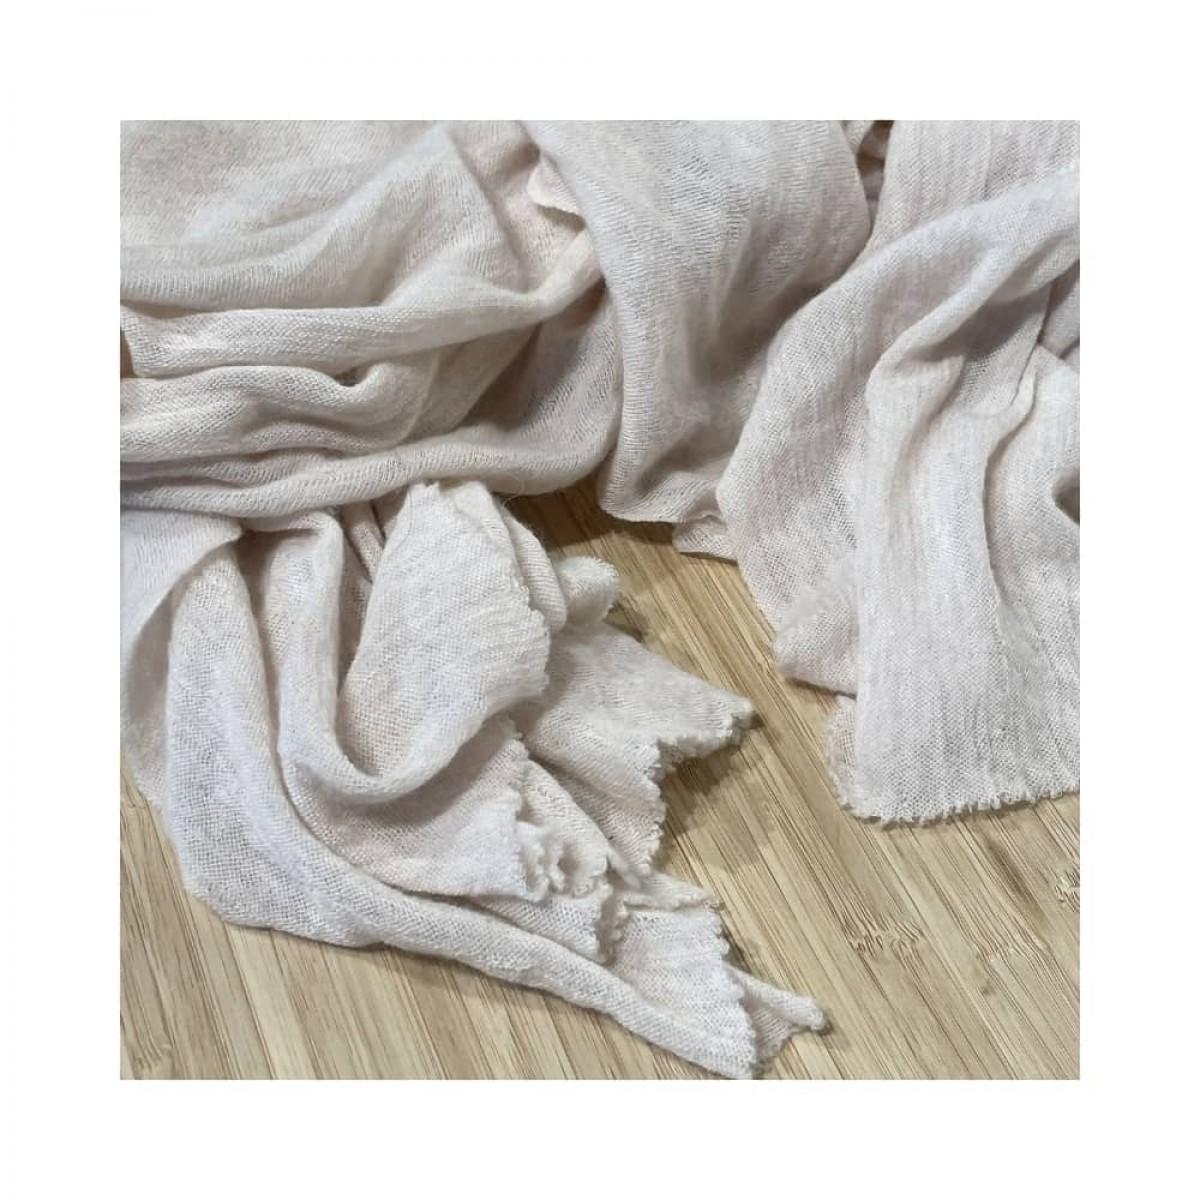 luxury m tørklæde - chloe - detalje